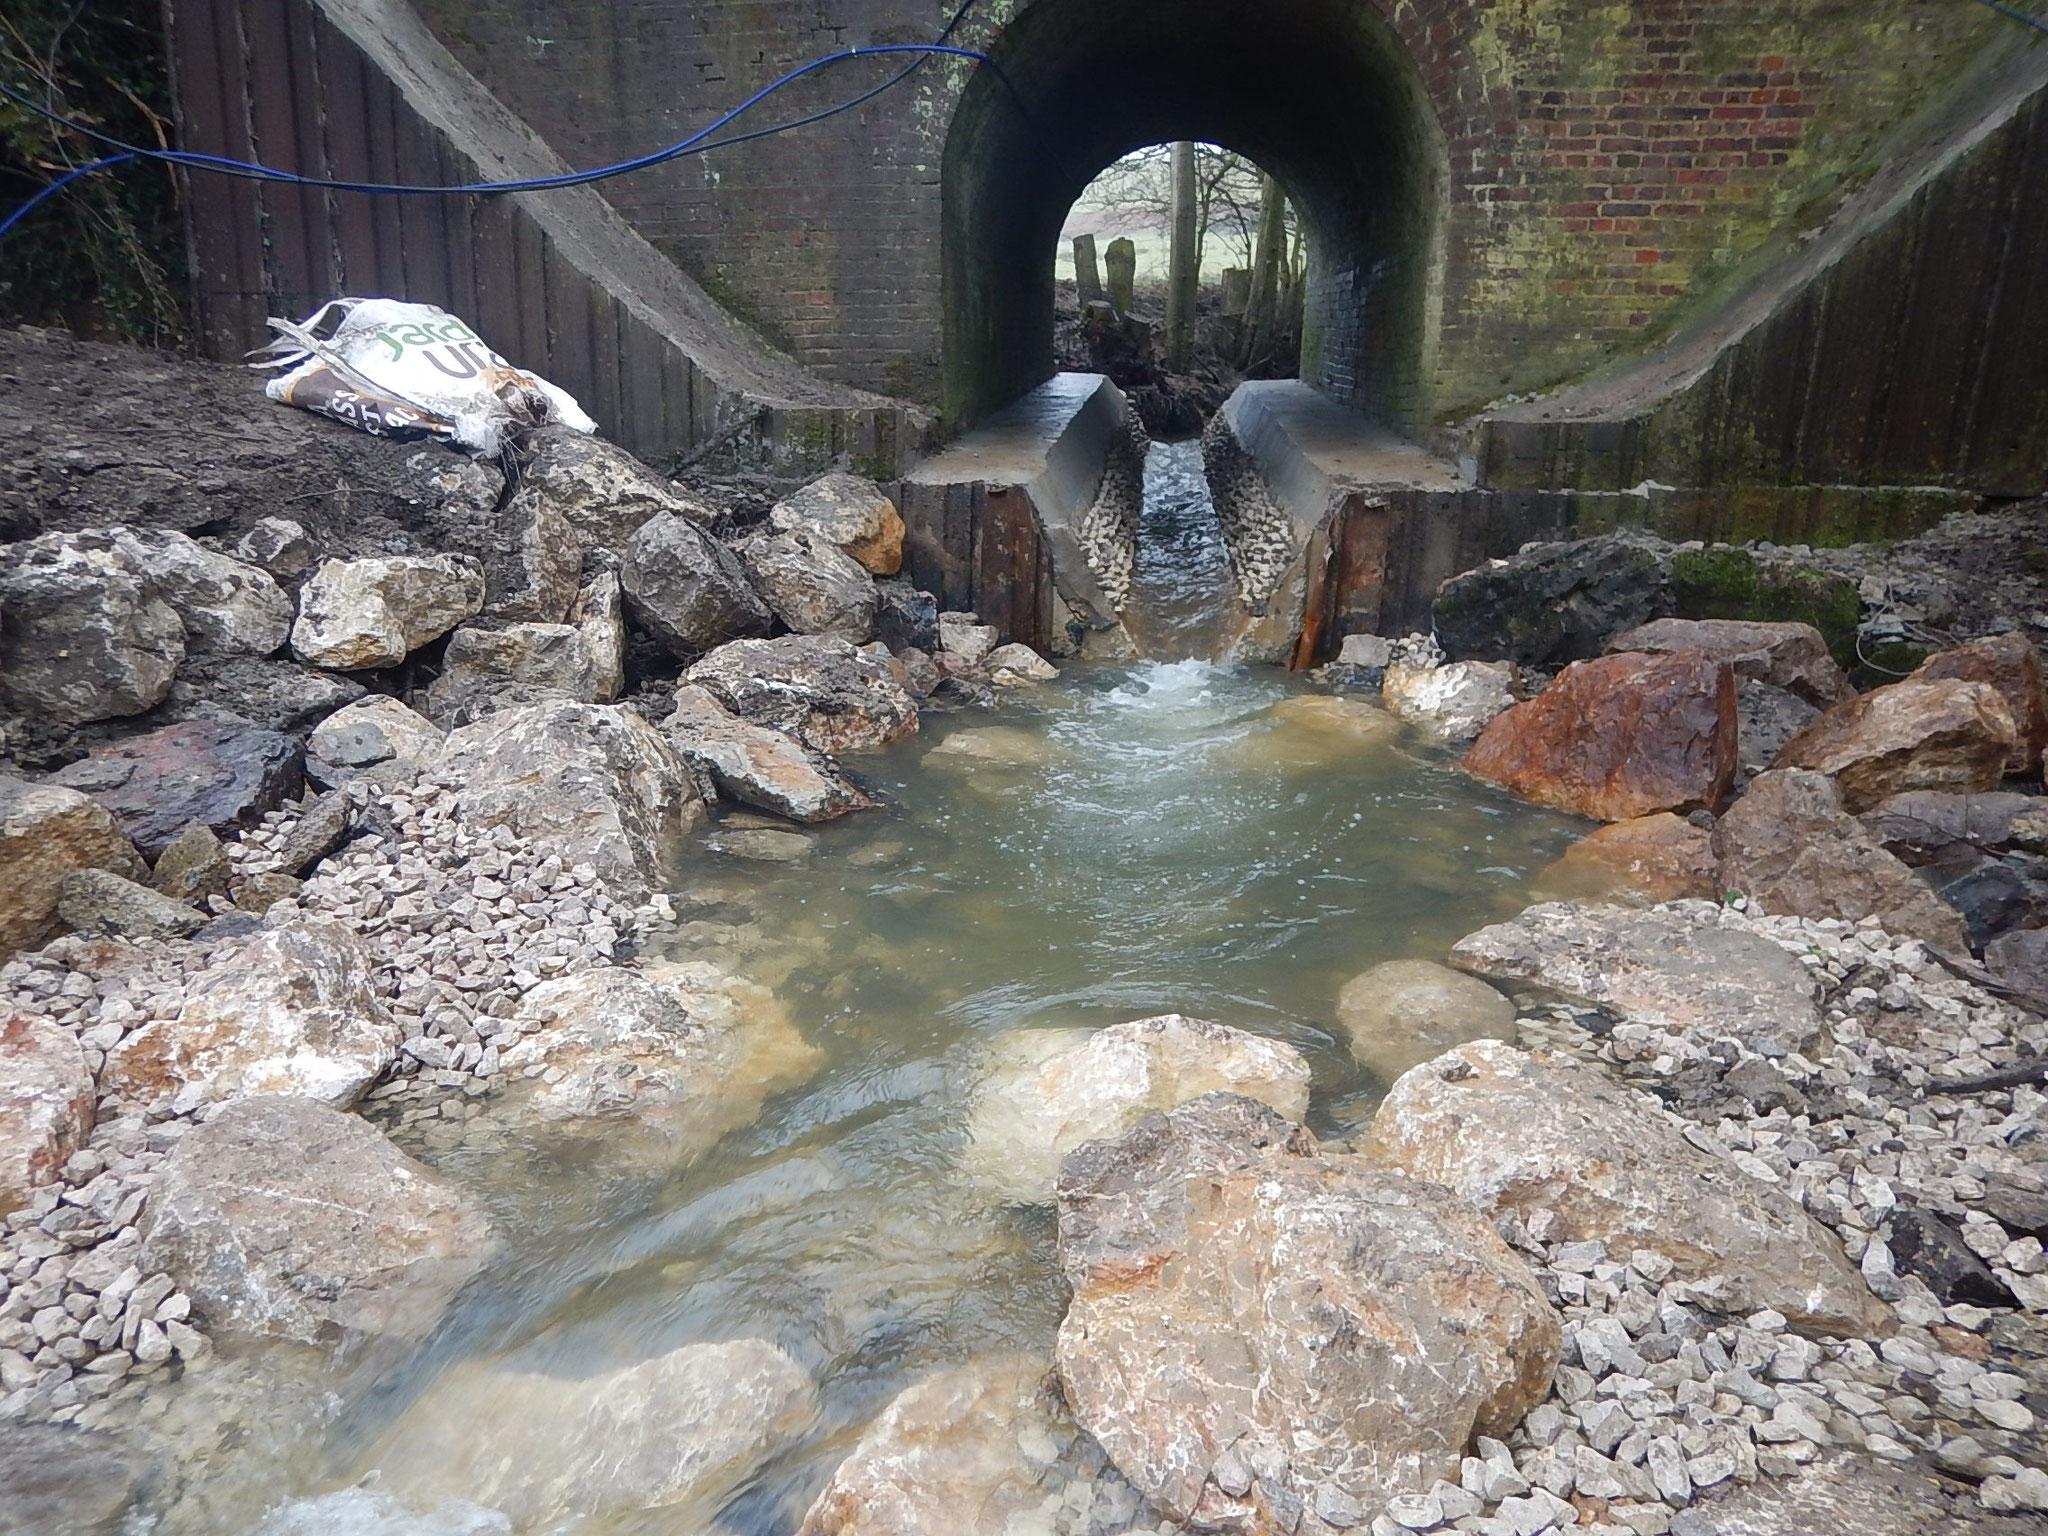 Vue de l'aval vers l'amont après la remise en eau sous l'ouvrage et la mise en place d'un seuil de fond en aval